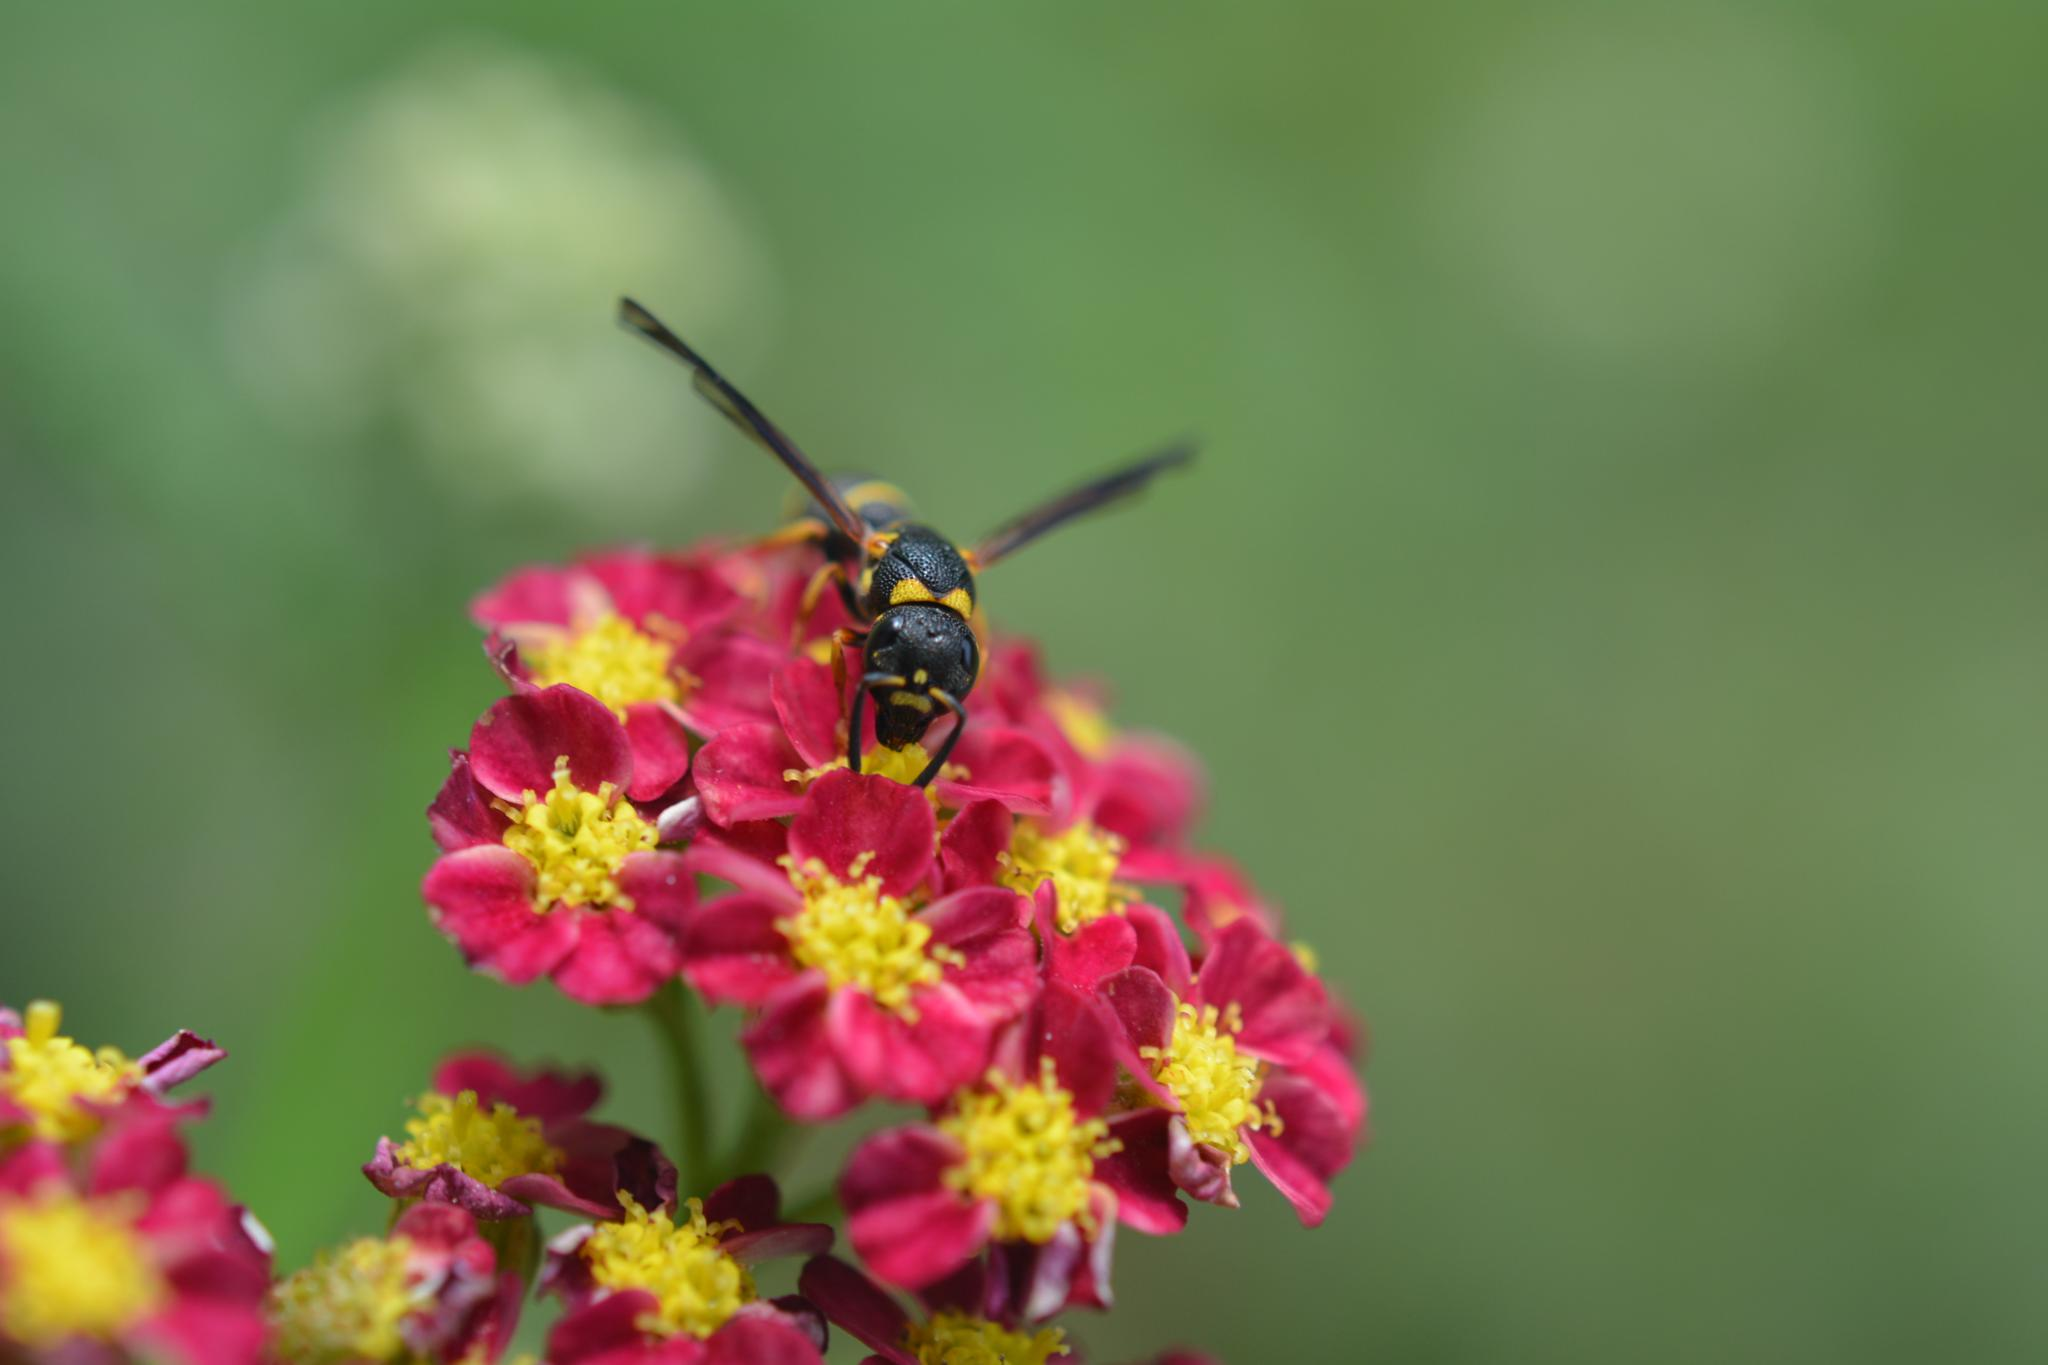 wasp by pgavin5000